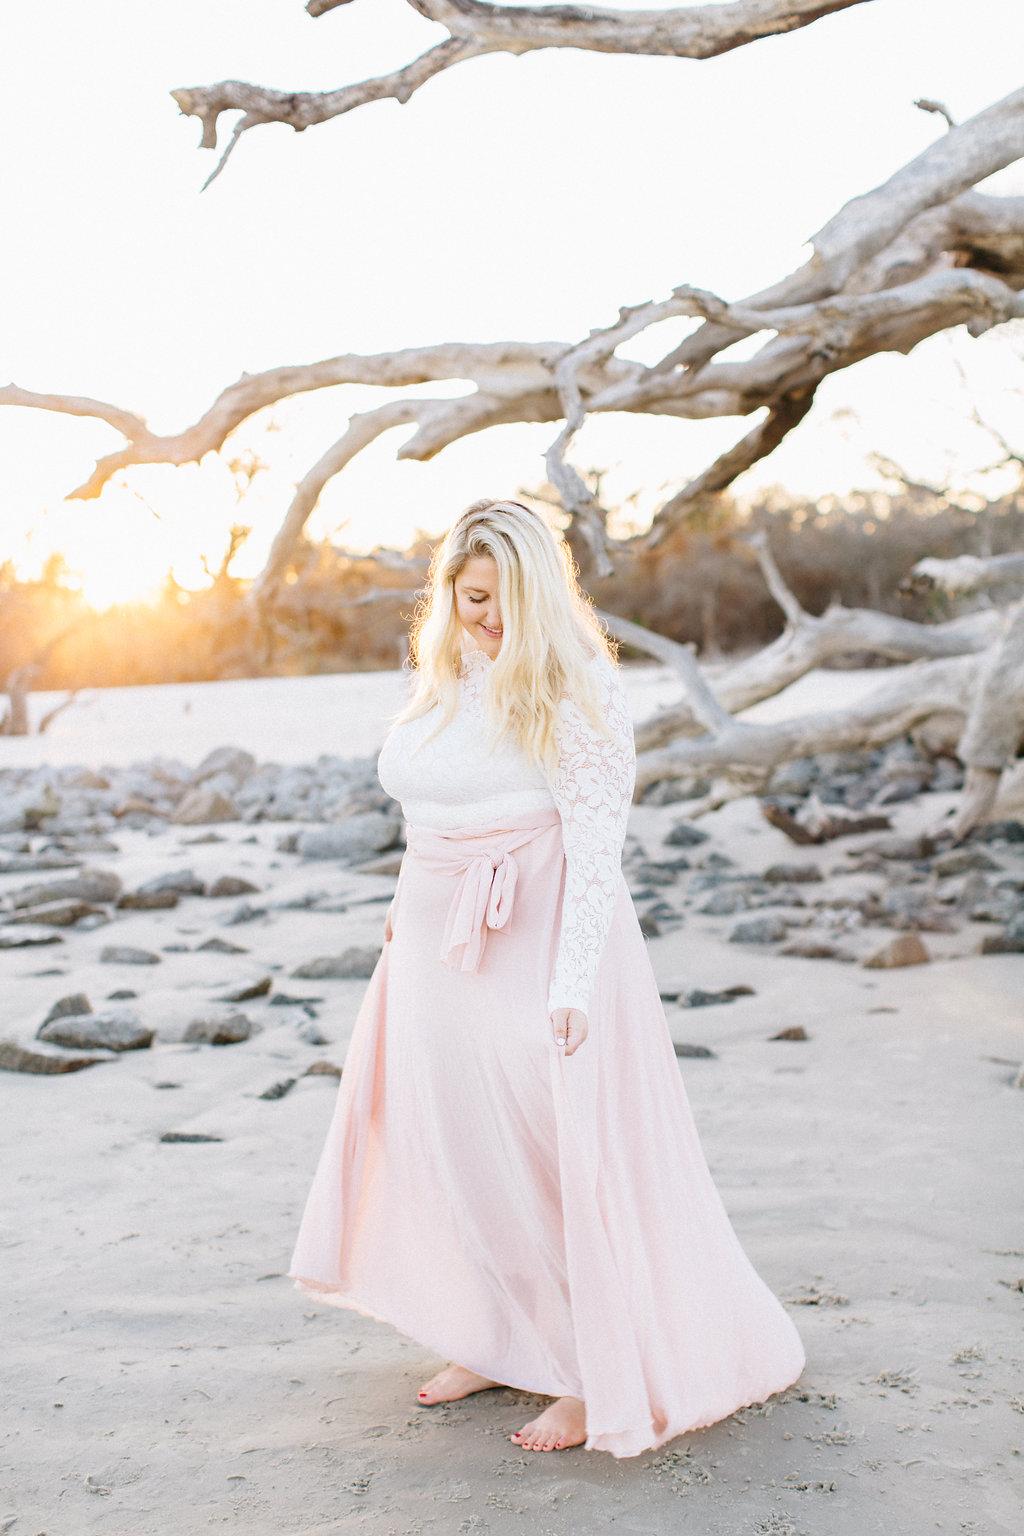 ChristinaKyleEngagement-160.JPG